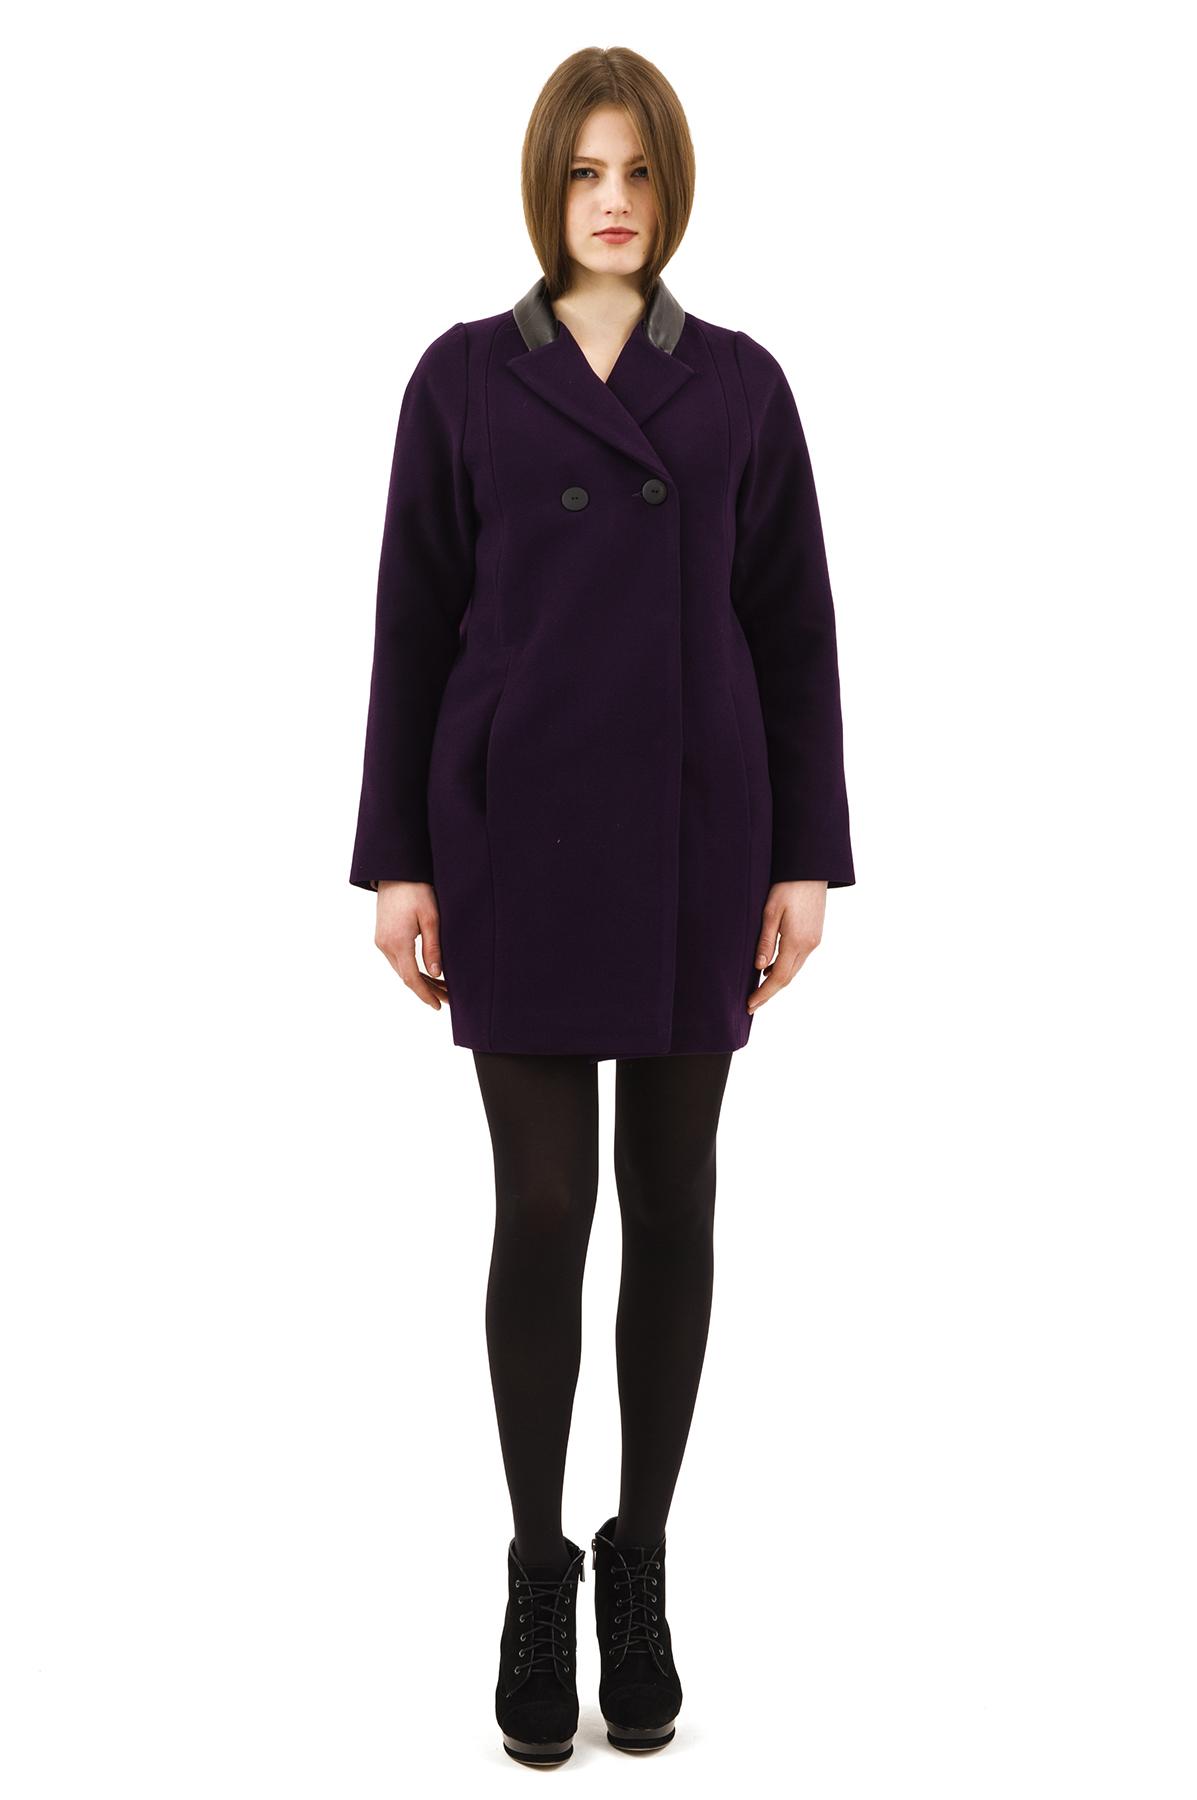 ПальтоЖенские куртки, плащи, пальто<br>Bосхитительный вариант для тех, кто предпочитает стильные решения - элегантное пальтоDoctor Eсдержанного модного дизайна, который подчеркнет Ваш безупречный вкус.<br><br>Цвет: фиолетовый<br>Состав: 15% шерсть, 2%эластан, 18%вискоза ,65% полиэстер<br>Размер: 42,44,46,48,50,52,54,56,58,60<br>Страна дизайна: Россия<br>Страна производства: Россия